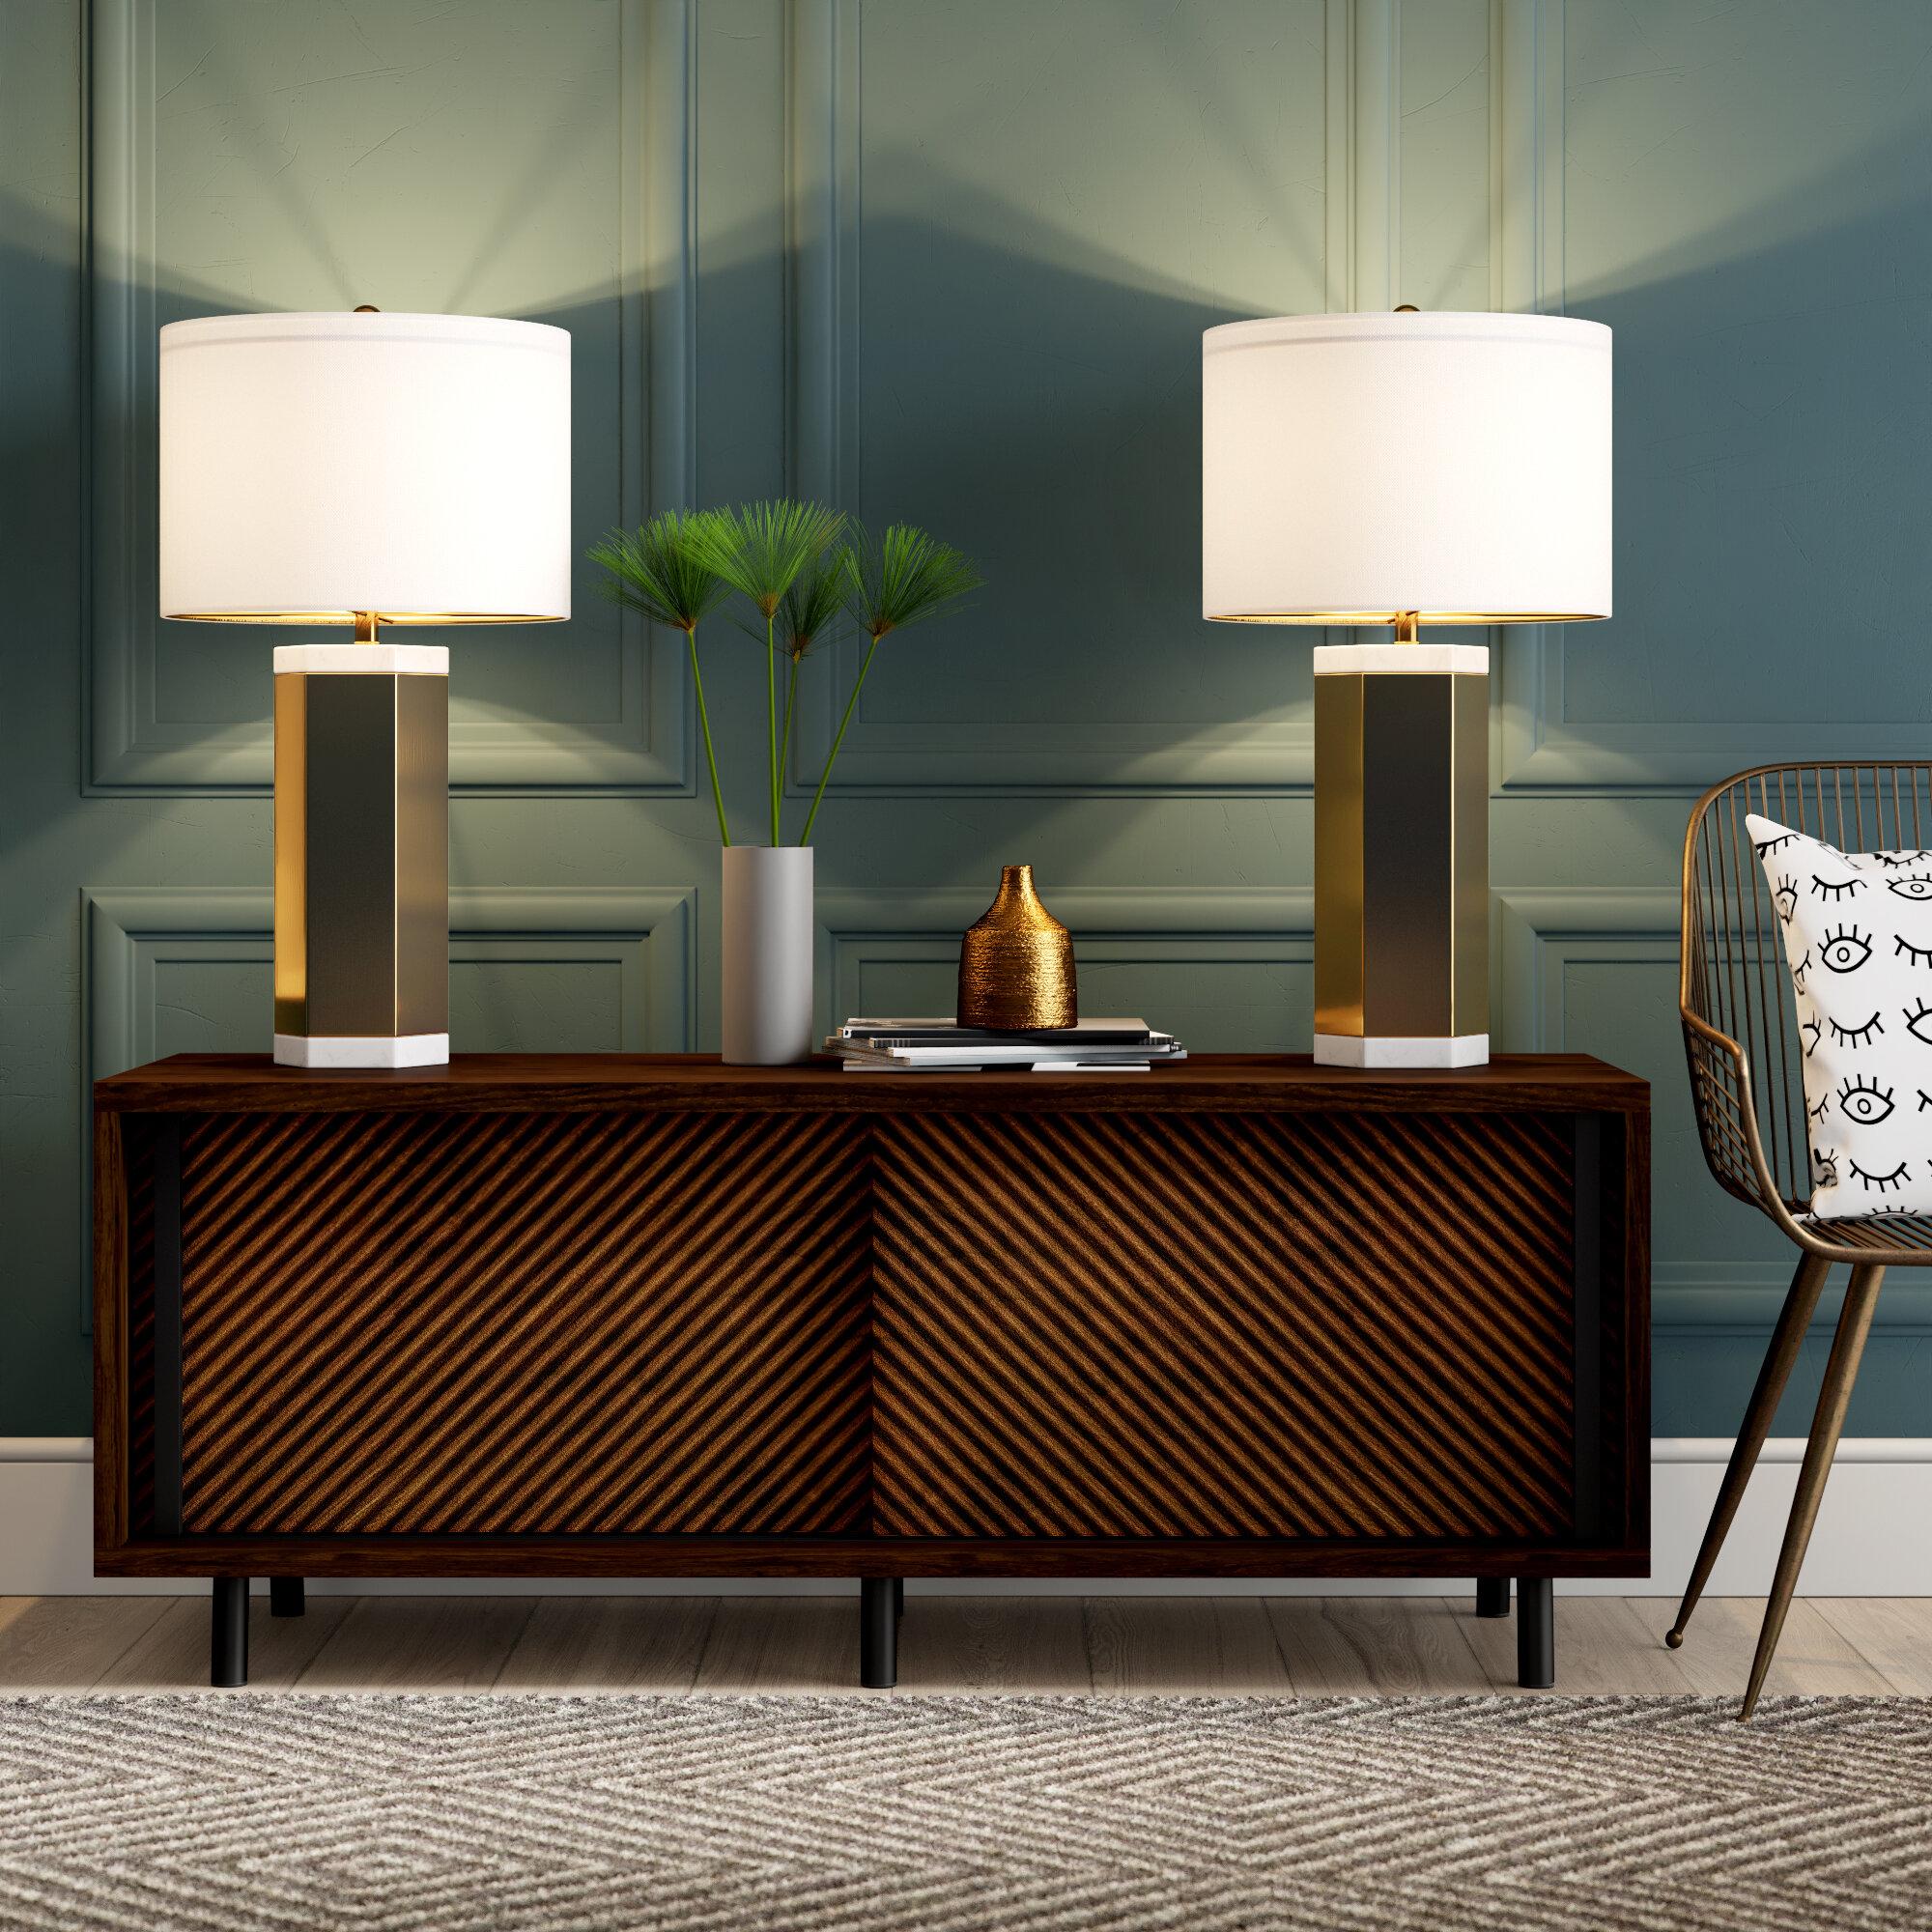 Mercury row fannin 28 table lamp reviews wayfair